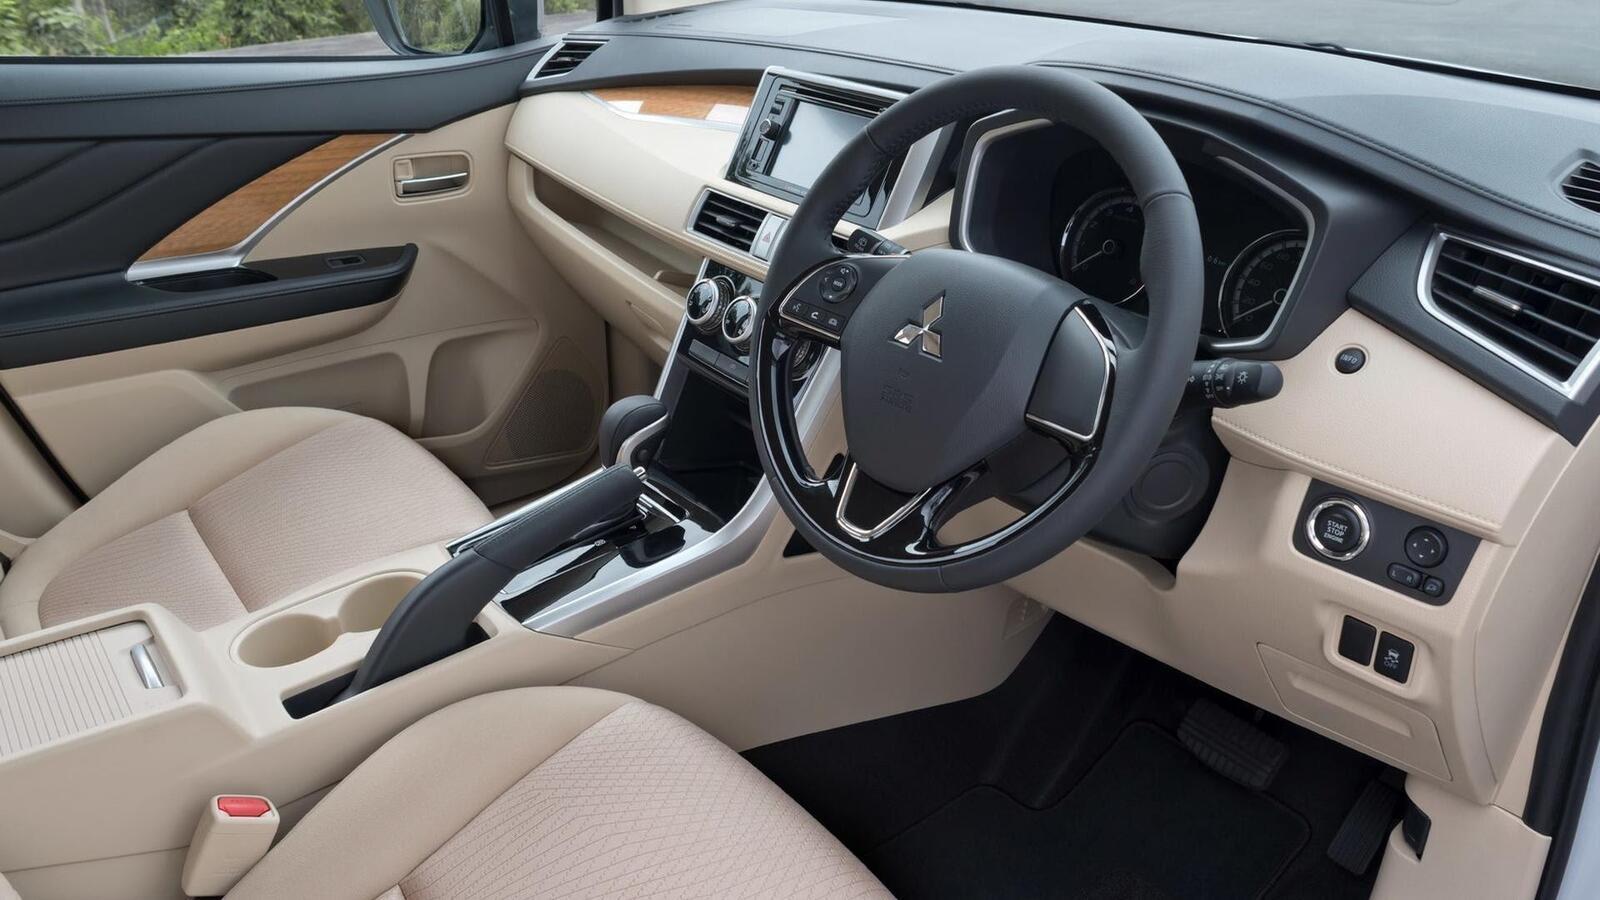 Rò rỉ hình ảnh Mitsubishi Xpander 2018 chạy thử tại Việt Nam - Hình 4